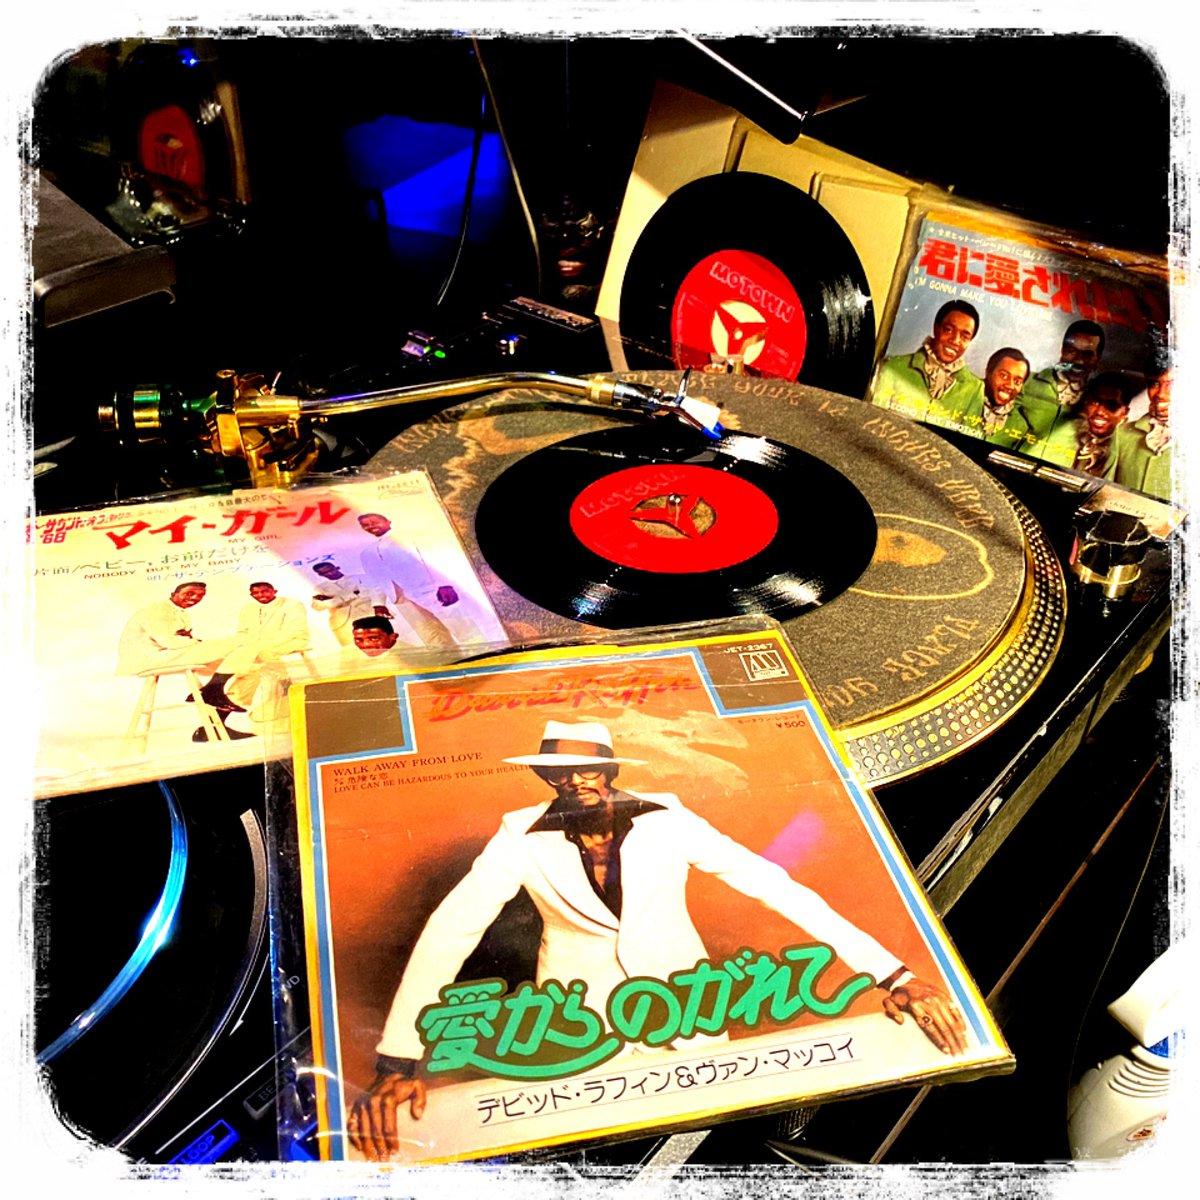 本日1月18日(月)は、故 Davis Ruffin さんのお誕生日ですが、お休みさせていただきます。 来月2月7日までは前日予約のない日は全て休業とさせていただきます。  Walk Away 〜    #DavisRuffin #Temptations #dopesoultraxx #koenji #dst #soulbar #hiphop #reggae #dance